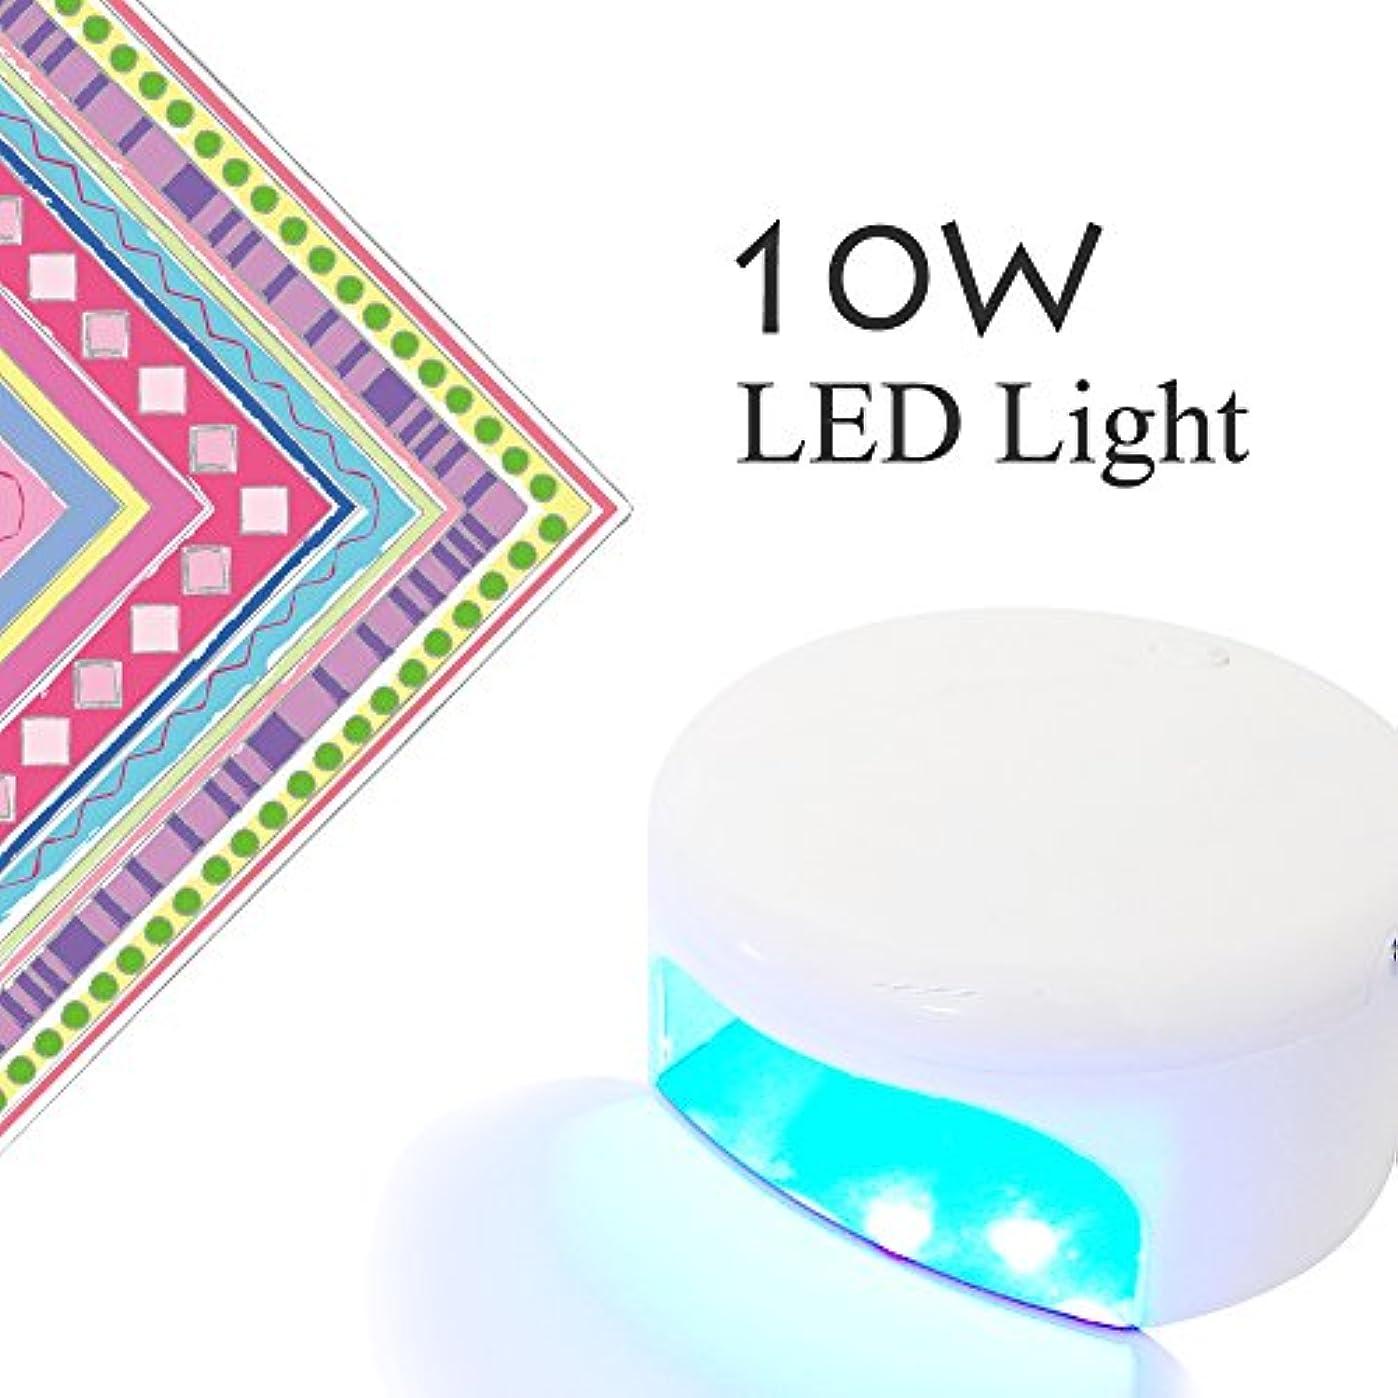 援助する呼び出す到着するネイル用LEDライト 10W チップLED搭載 【LED10wライト】コンパクトハイパワー保証書。取扱説明書付き ジェルネイル (10W)